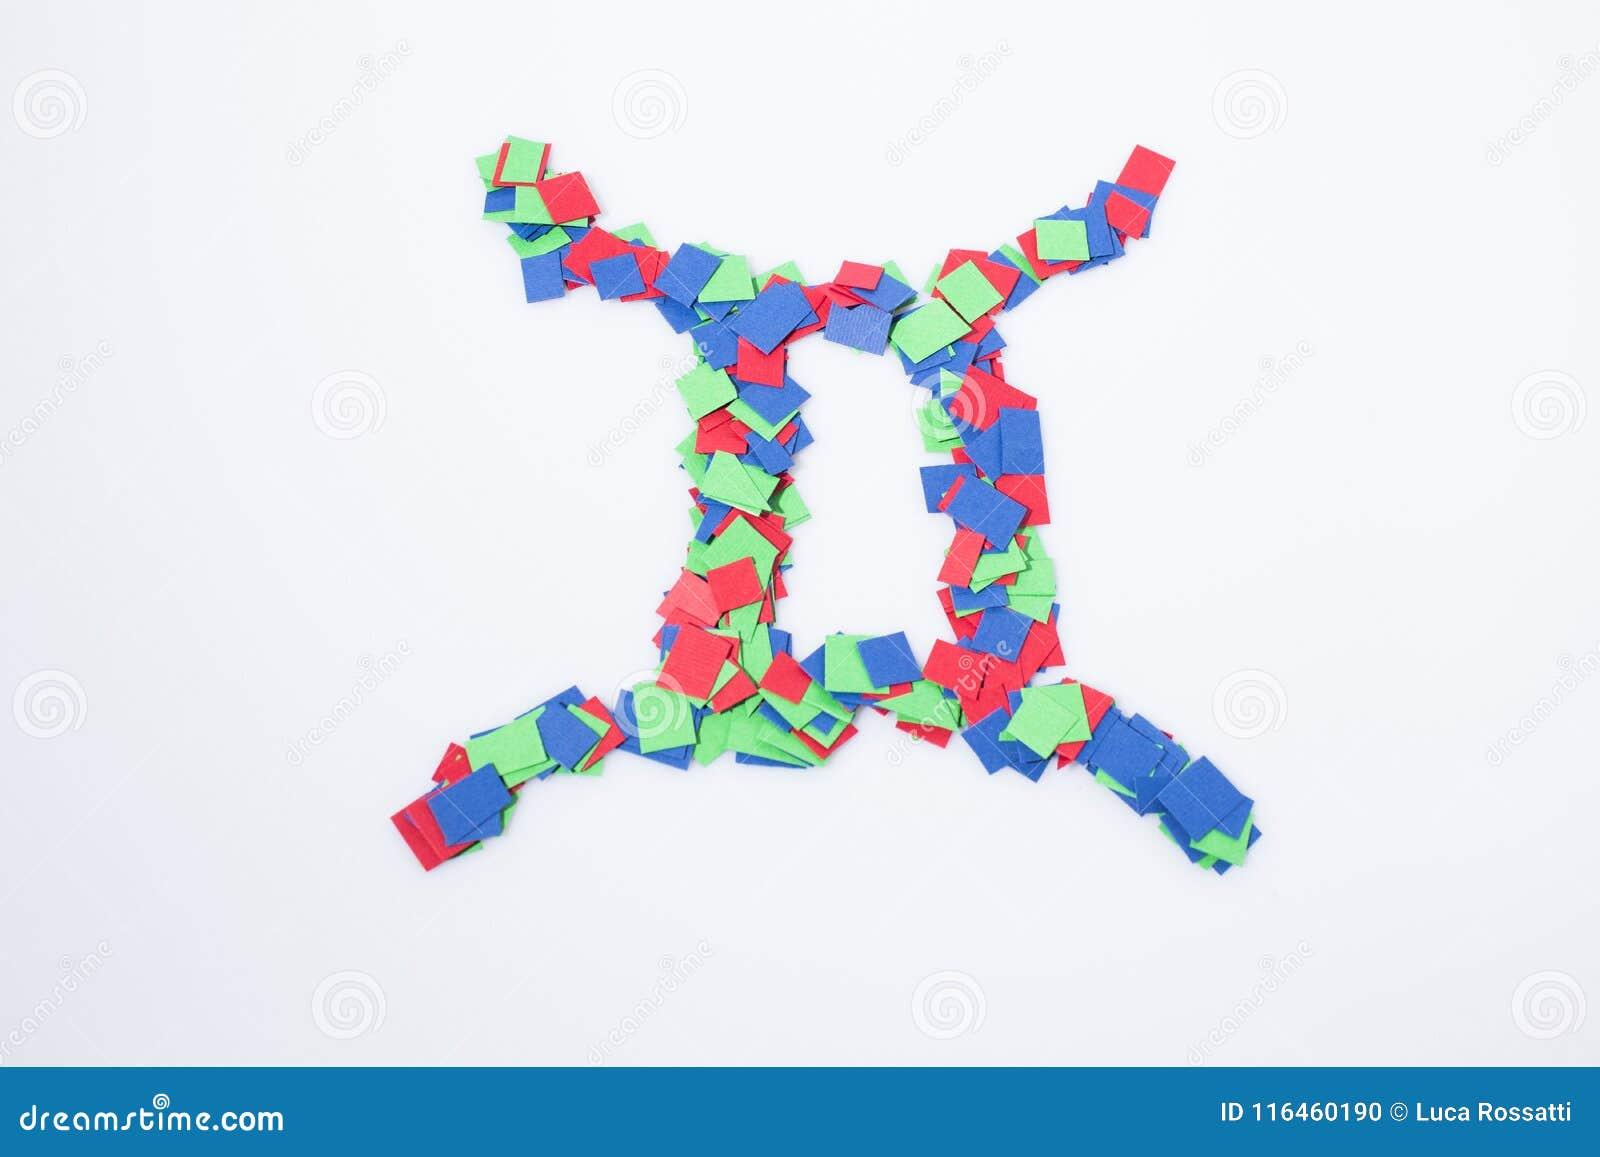 Zodiac symbol gemini multicolor isolated in a white background